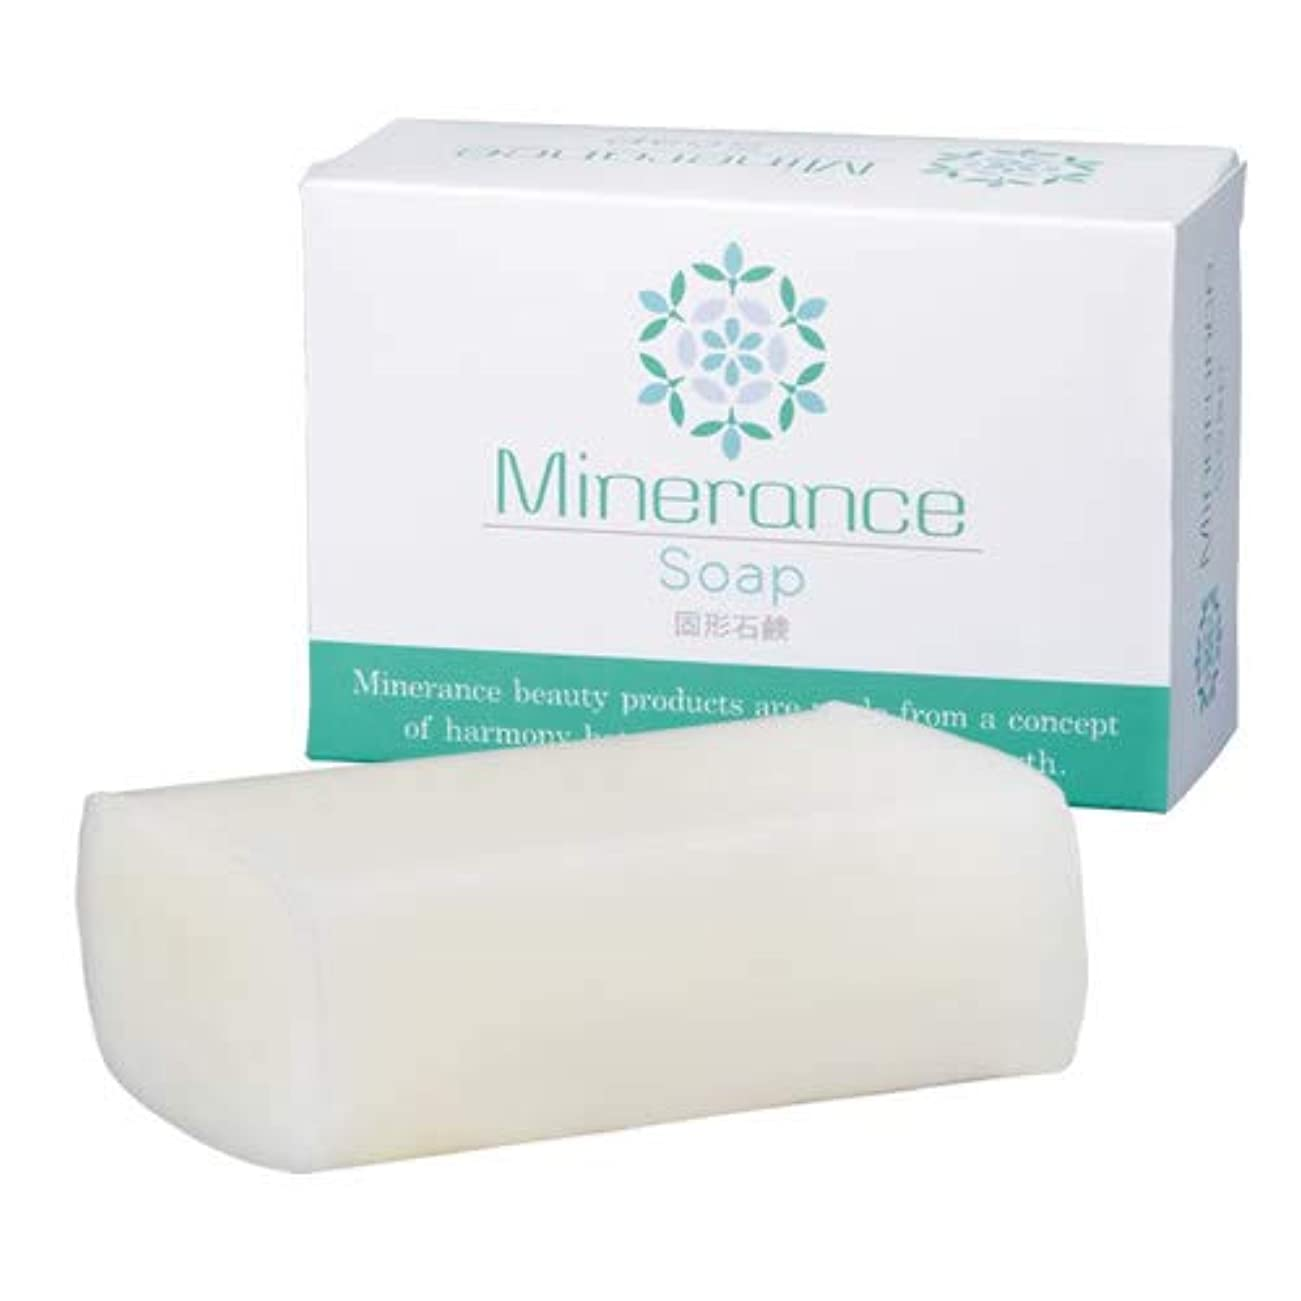 ミネランス ソープ 固形 石鹸 90g